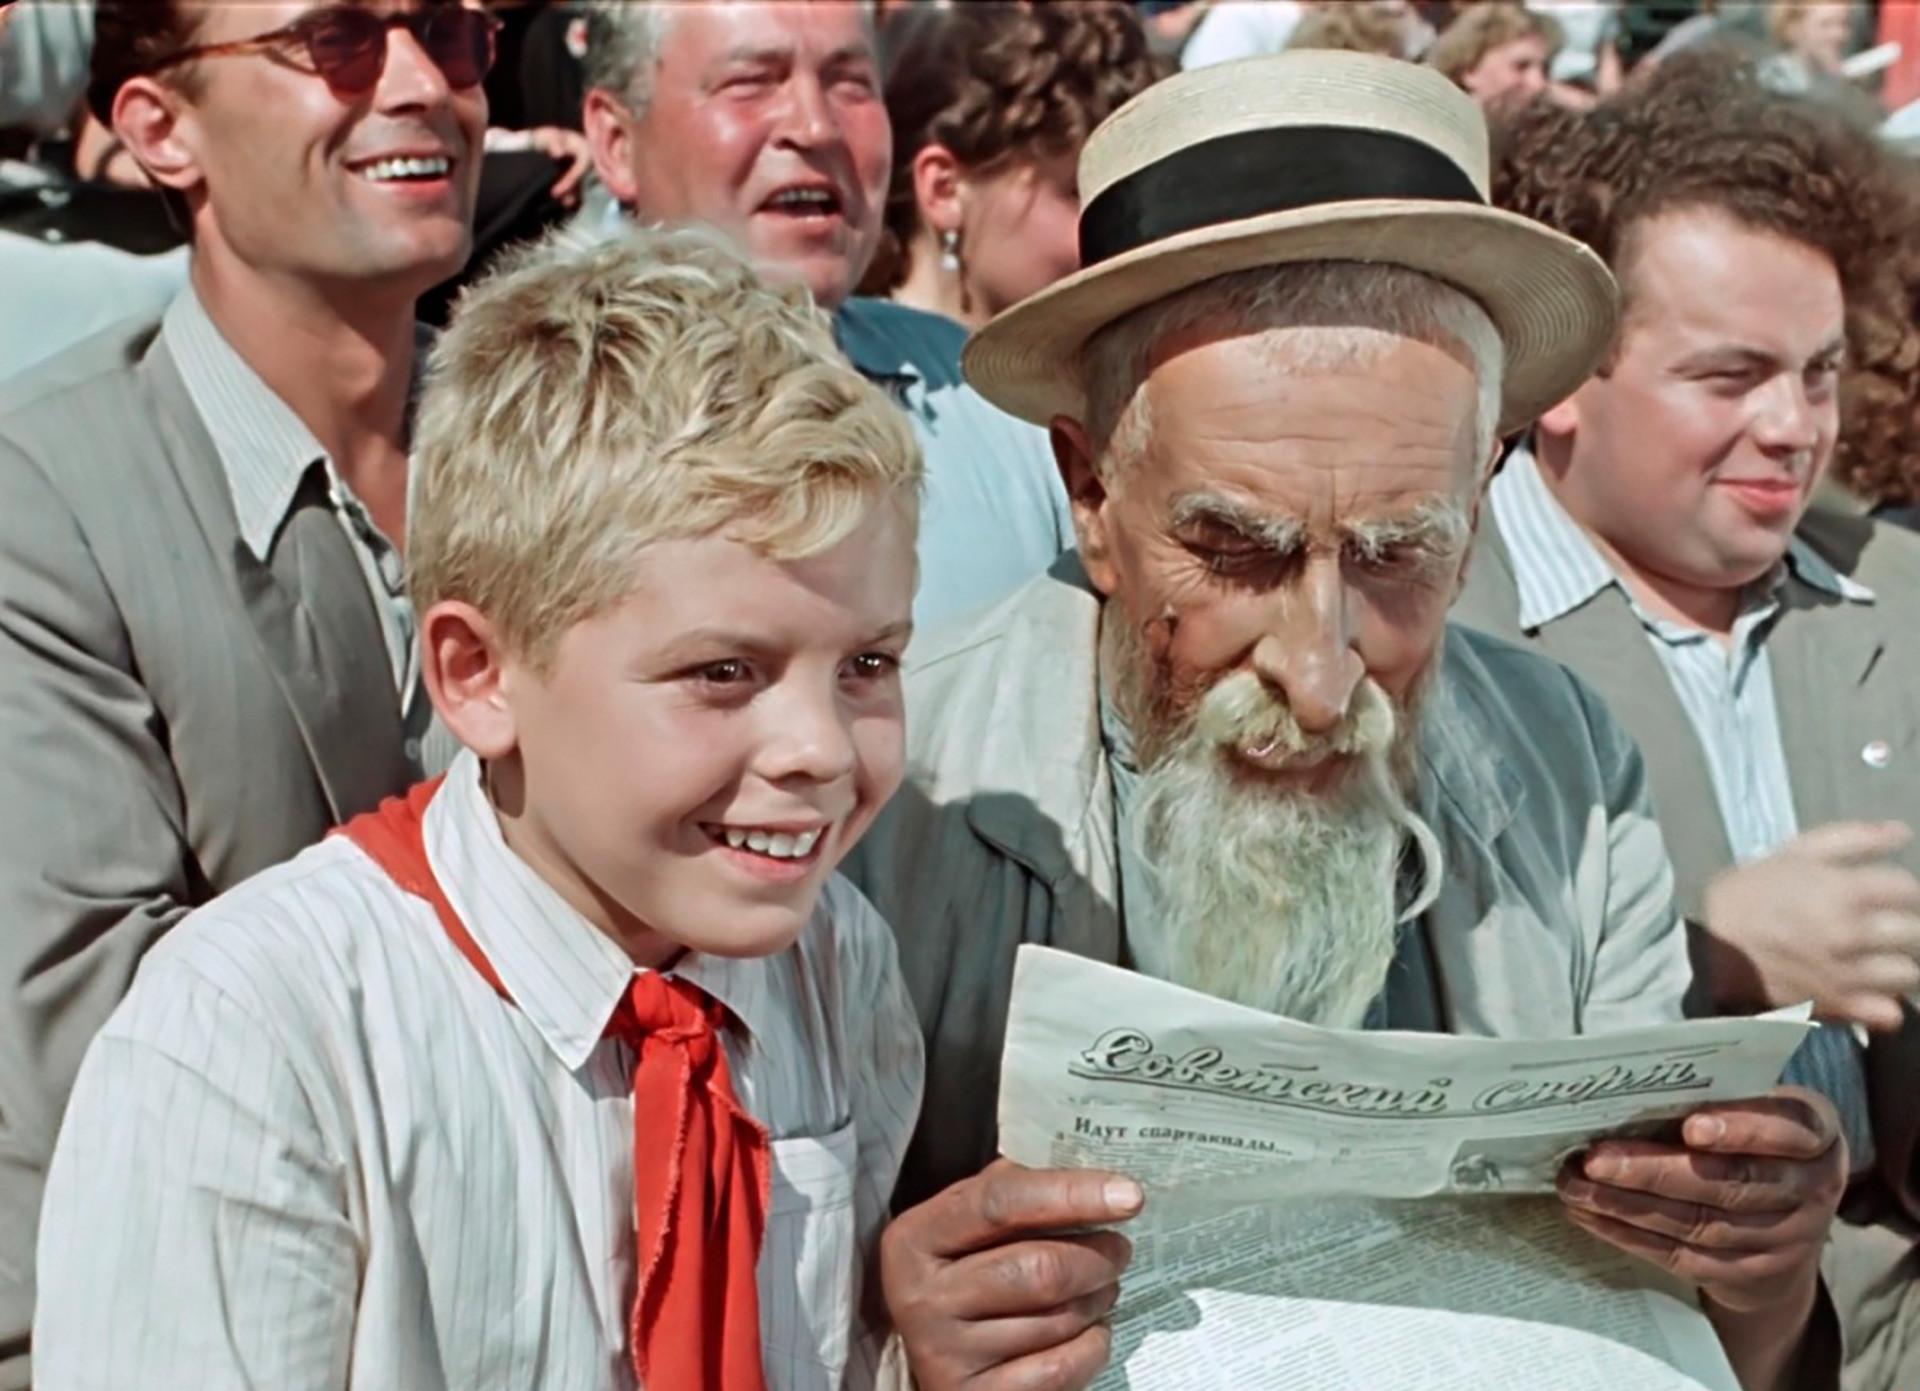 Hottabič i Volka tokom nogometne utakmice. Kadar iz sovjetskog filma.